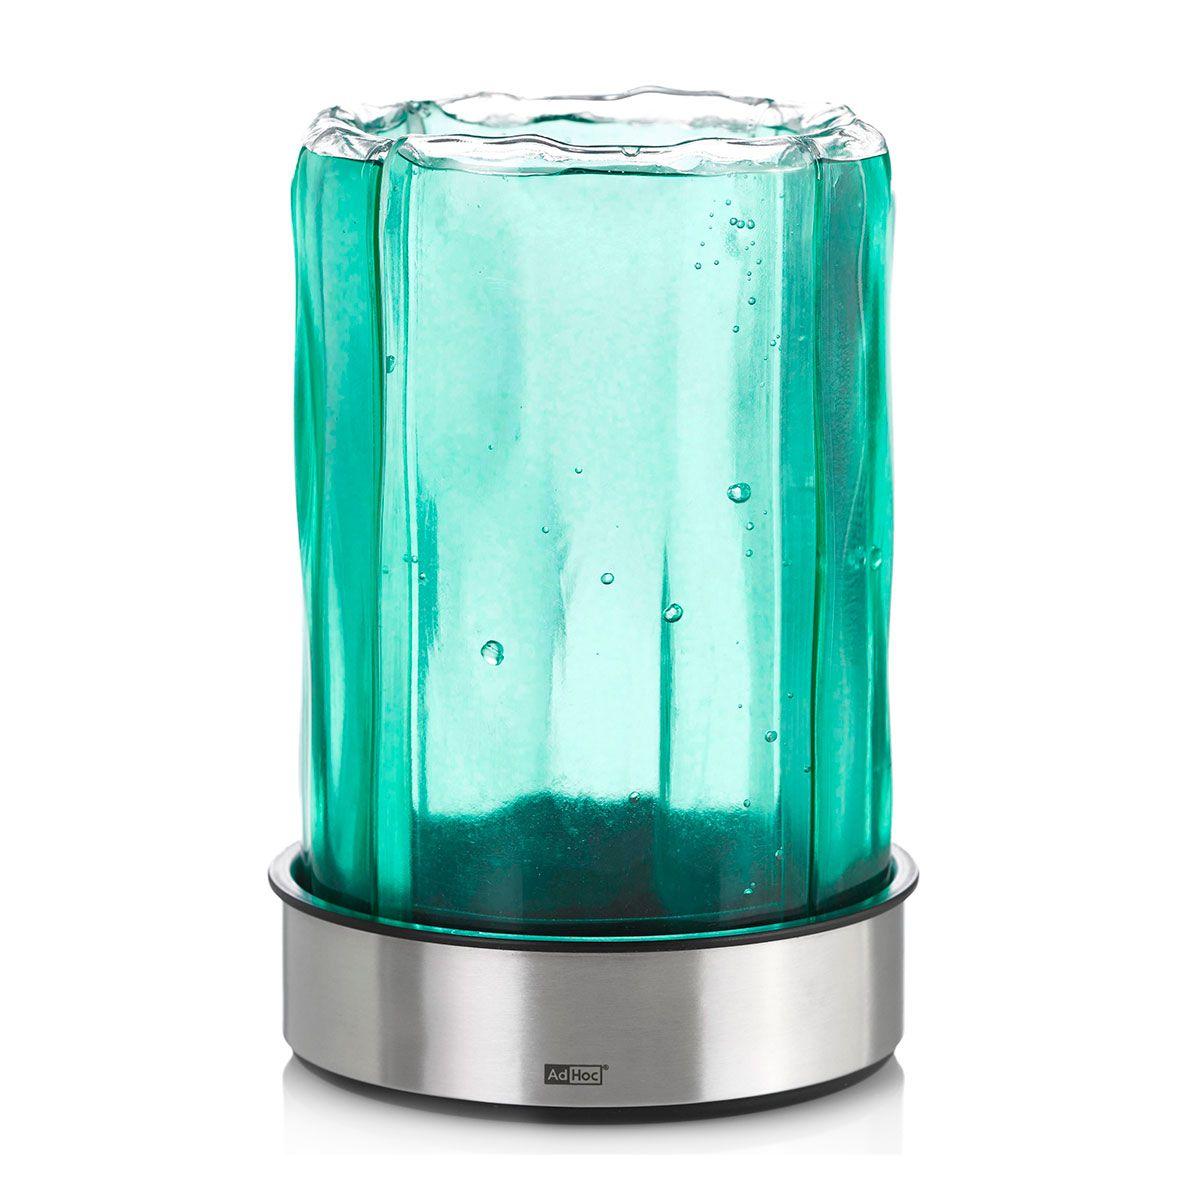 飲料冷卻冰桶-main